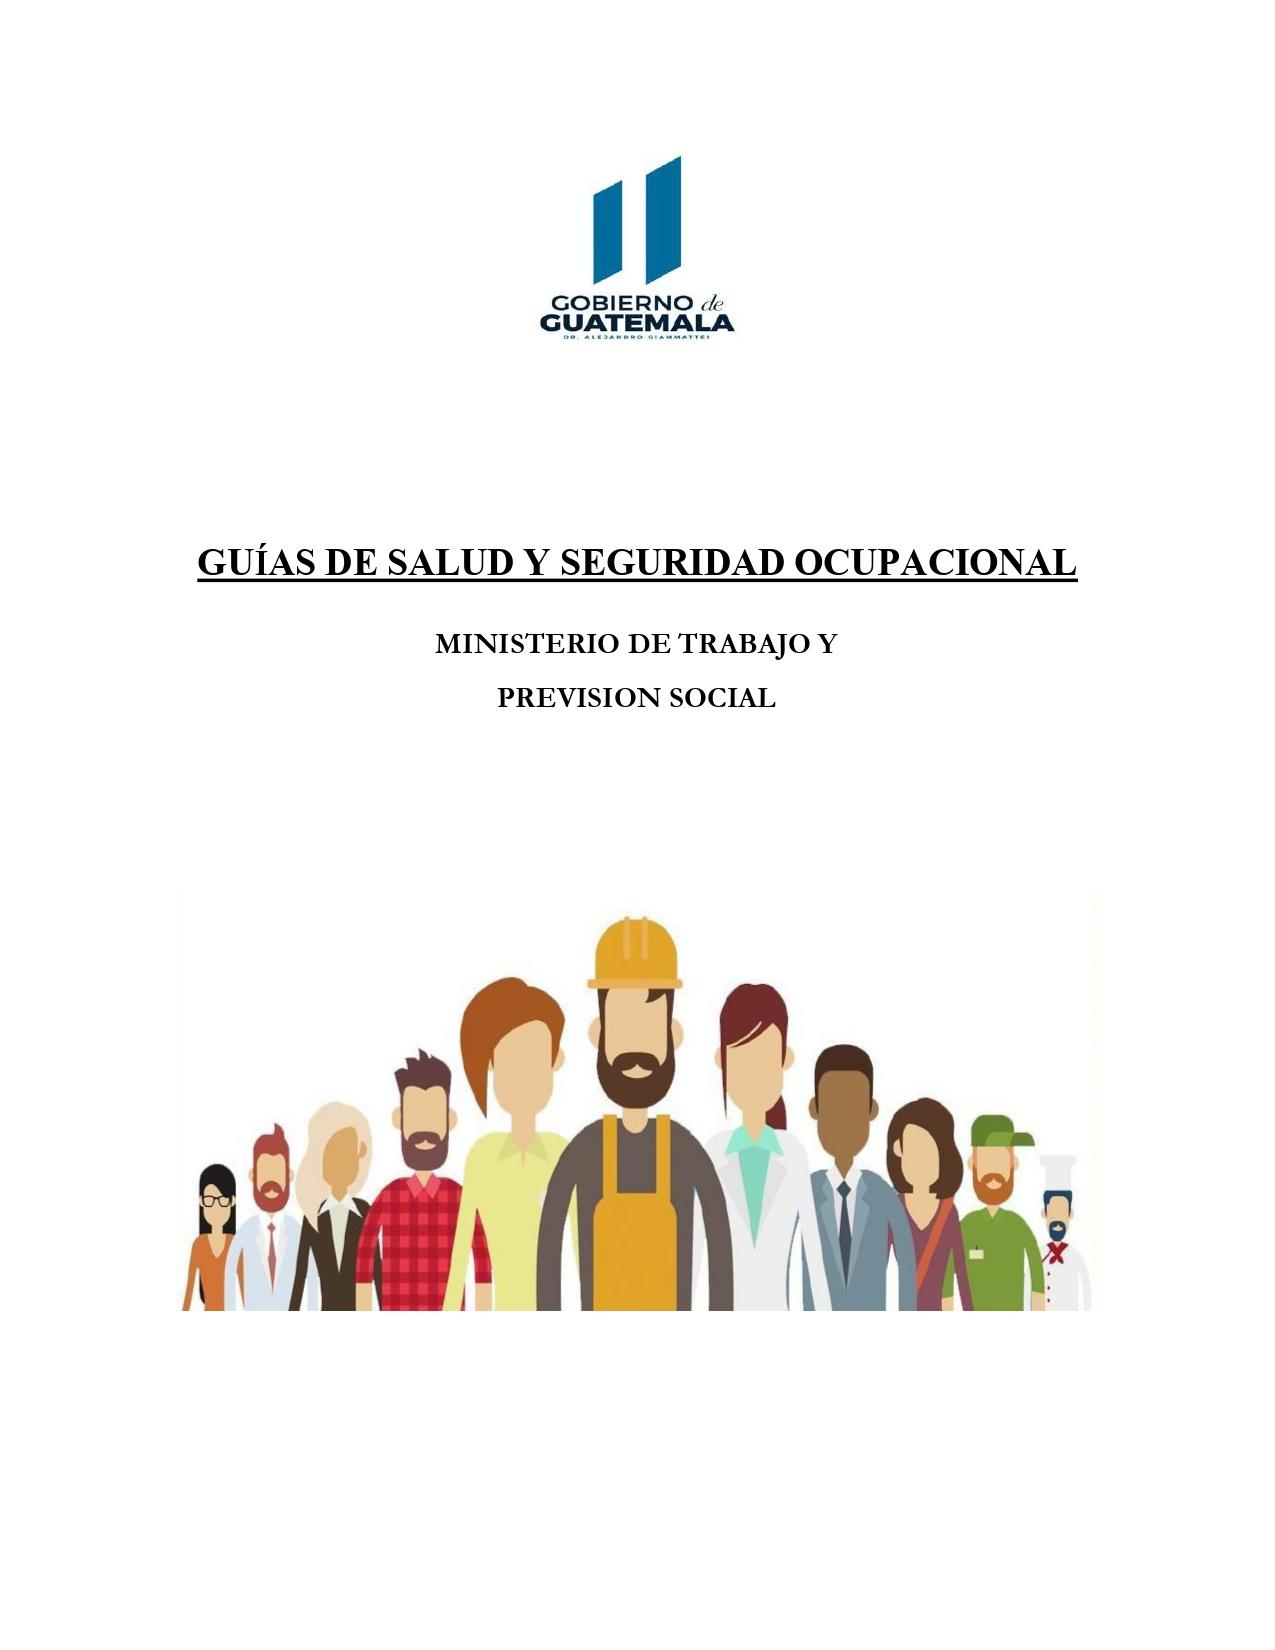 Guías de salud y seguridad ocupacional